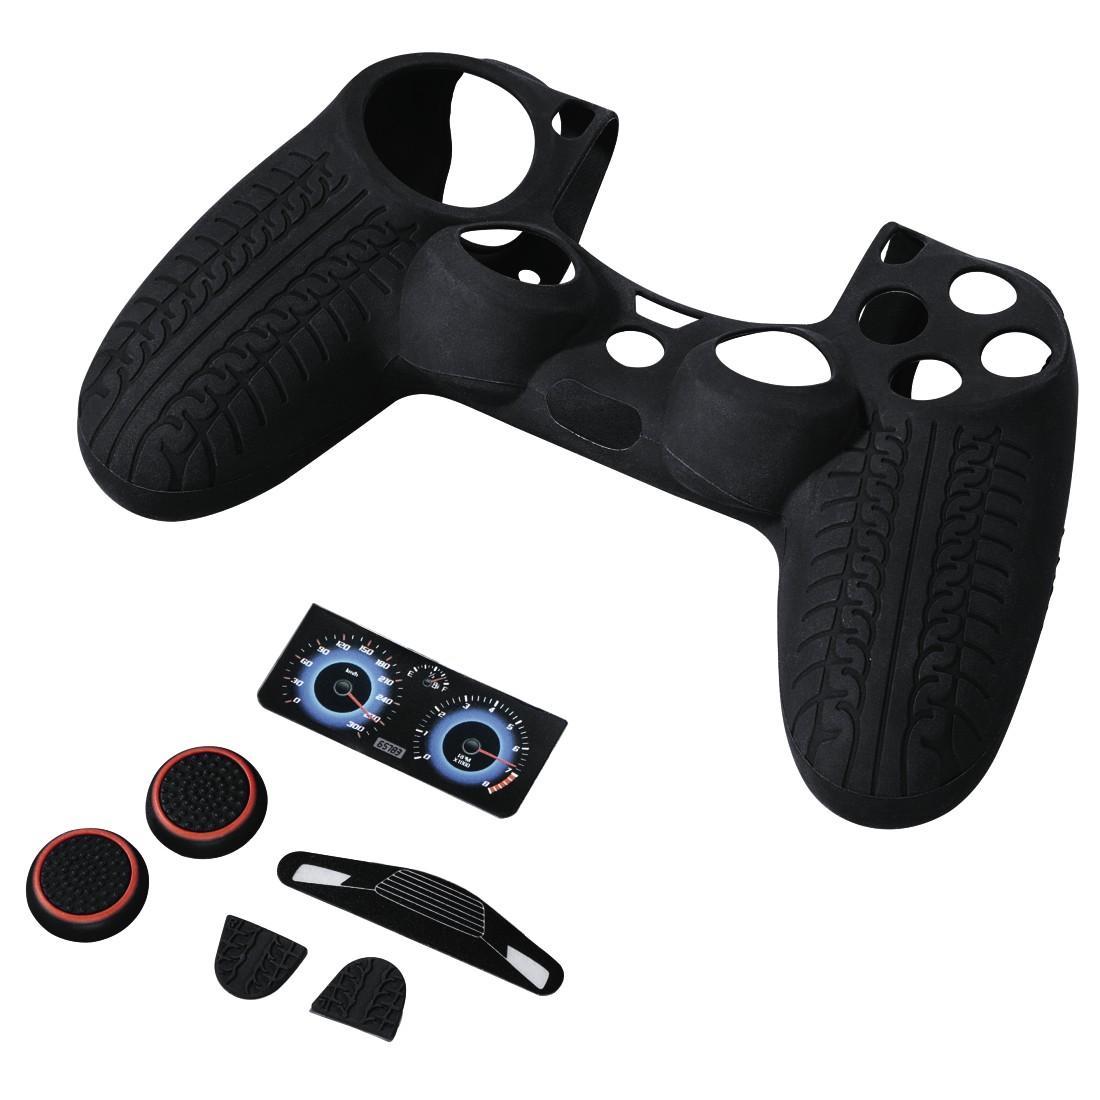 Комплект аксесоари HAMA Racing Set, 7in1 за PS4/SLIM/PRO Dualshock 4 Controller